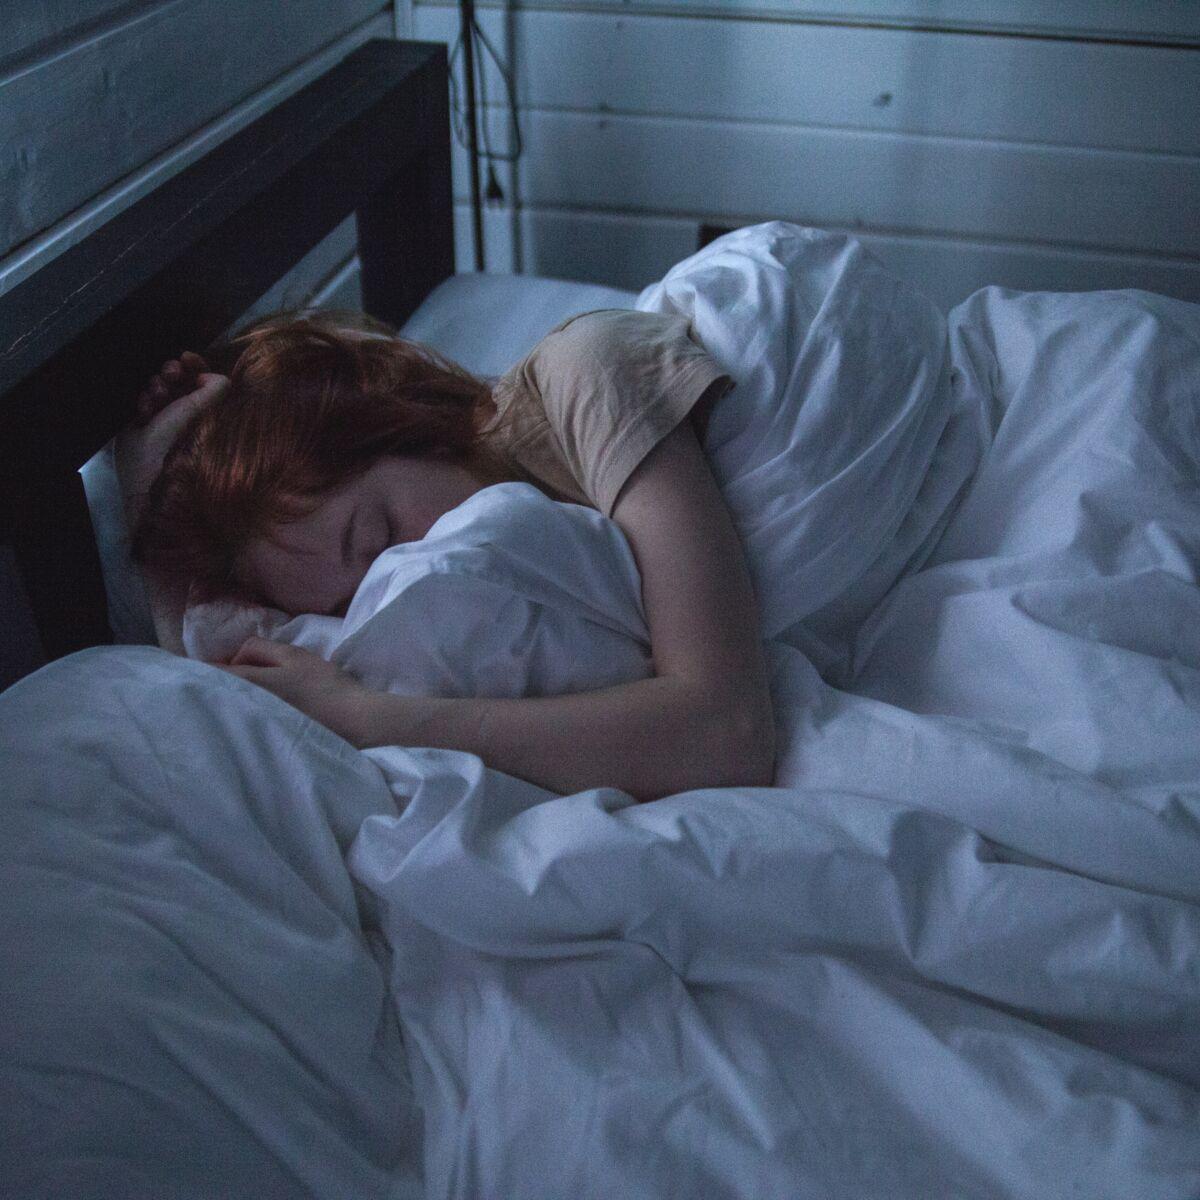 Je suis toujours fatiguée le matin, comment y remédier